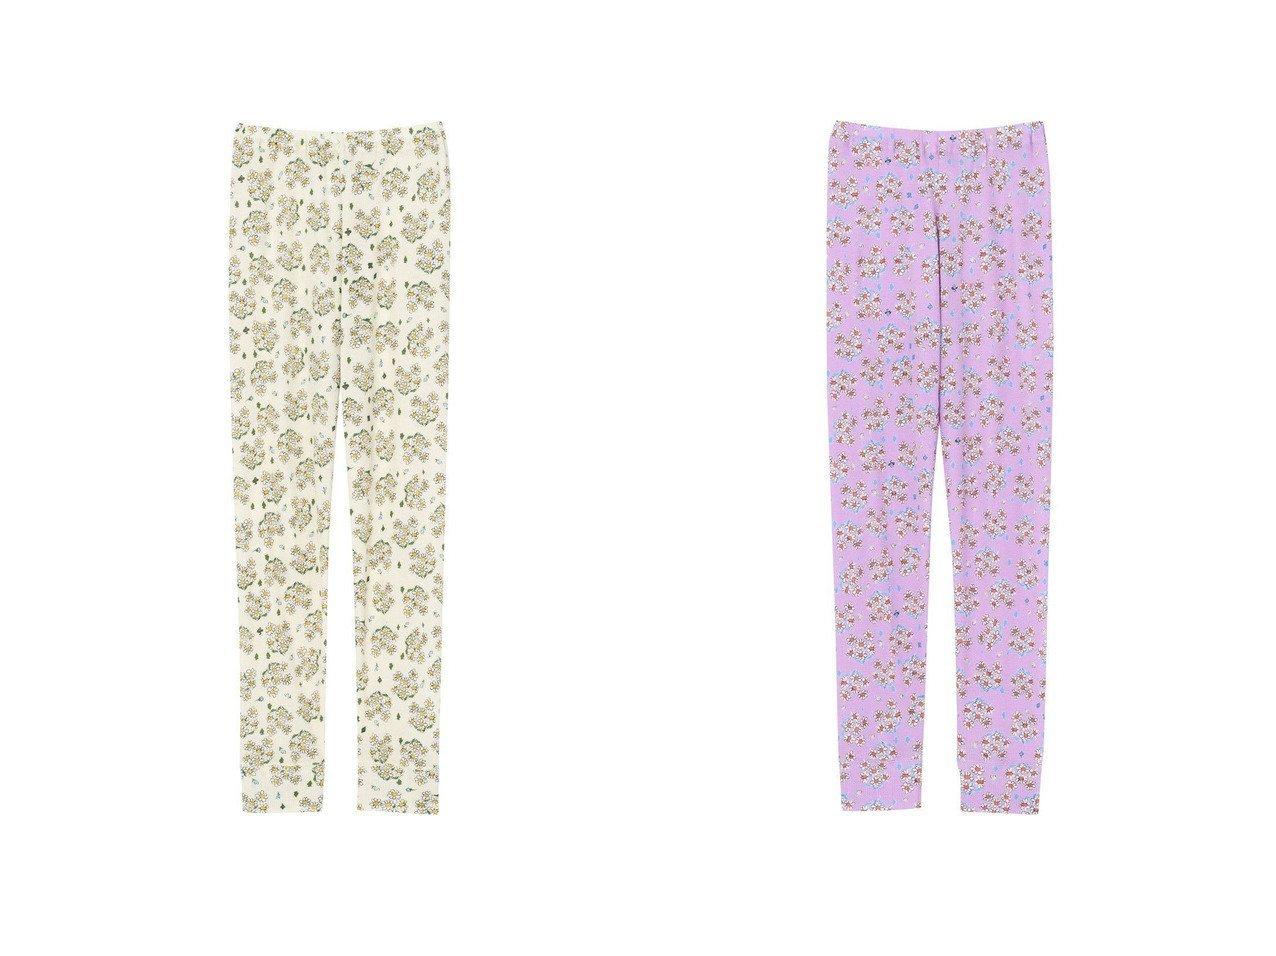 【tsumori chisato SLEEP/ツモリチサト スリープ】のボトム(ロングパンツ)クラシックな花のブーケプリントワコール ULQ133 おすすめ!人気、トレンド・レディースファッションの通販 おすすめで人気の流行・トレンド、ファッションの通販商品 インテリア・家具・メンズファッション・キッズファッション・レディースファッション・服の通販 founy(ファニー) https://founy.com/ ファッション Fashion レディースファッション WOMEN パンツ Pants 送料無料 Free Shipping アンダー クラシック ネコ プリント ボトム ロング ワッフル 秋 Autumn/Fall |ID:crp329100000070615